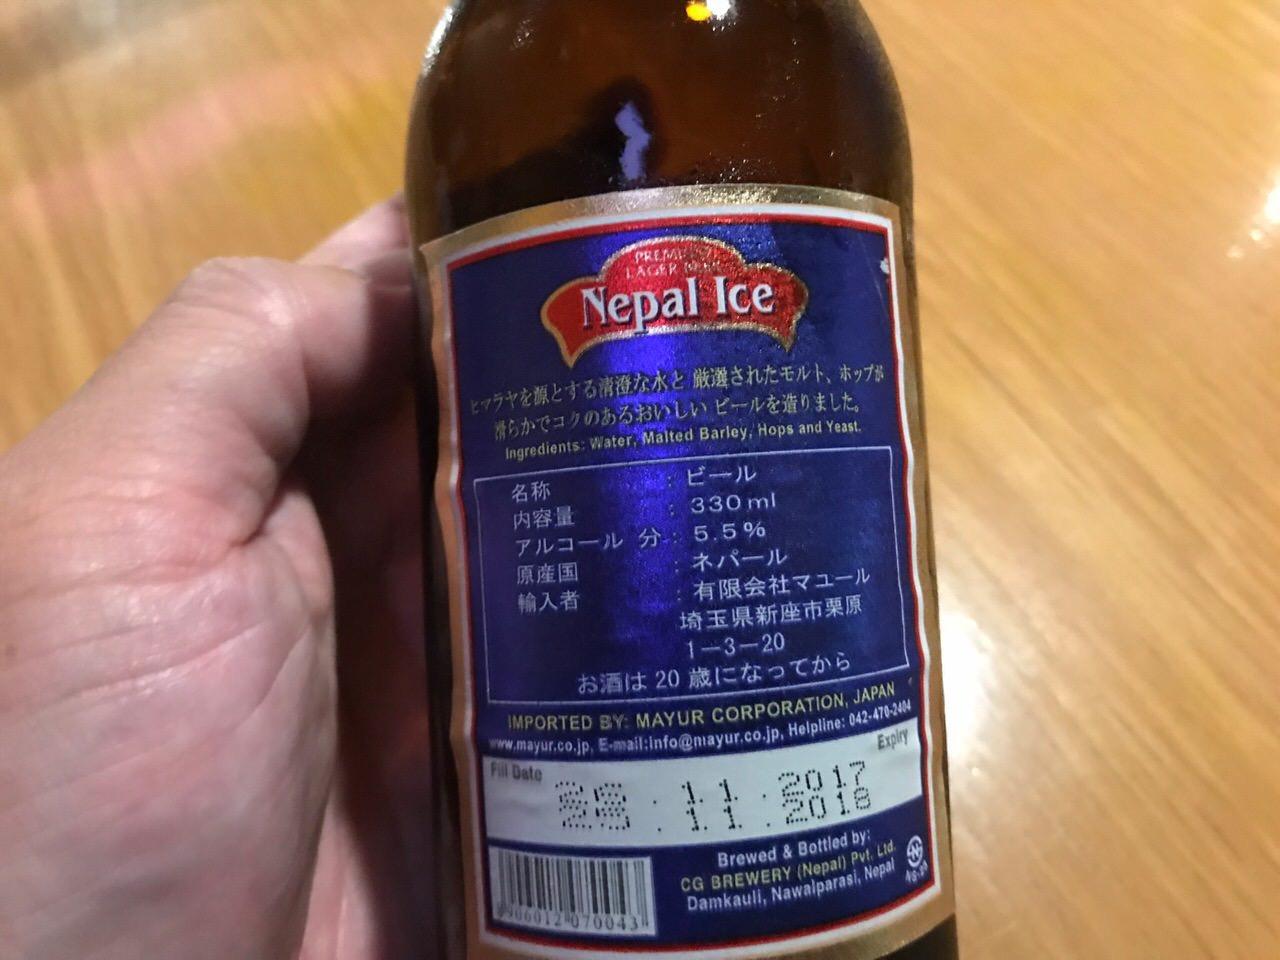 ネパール料理 アーガン 新大久保 16